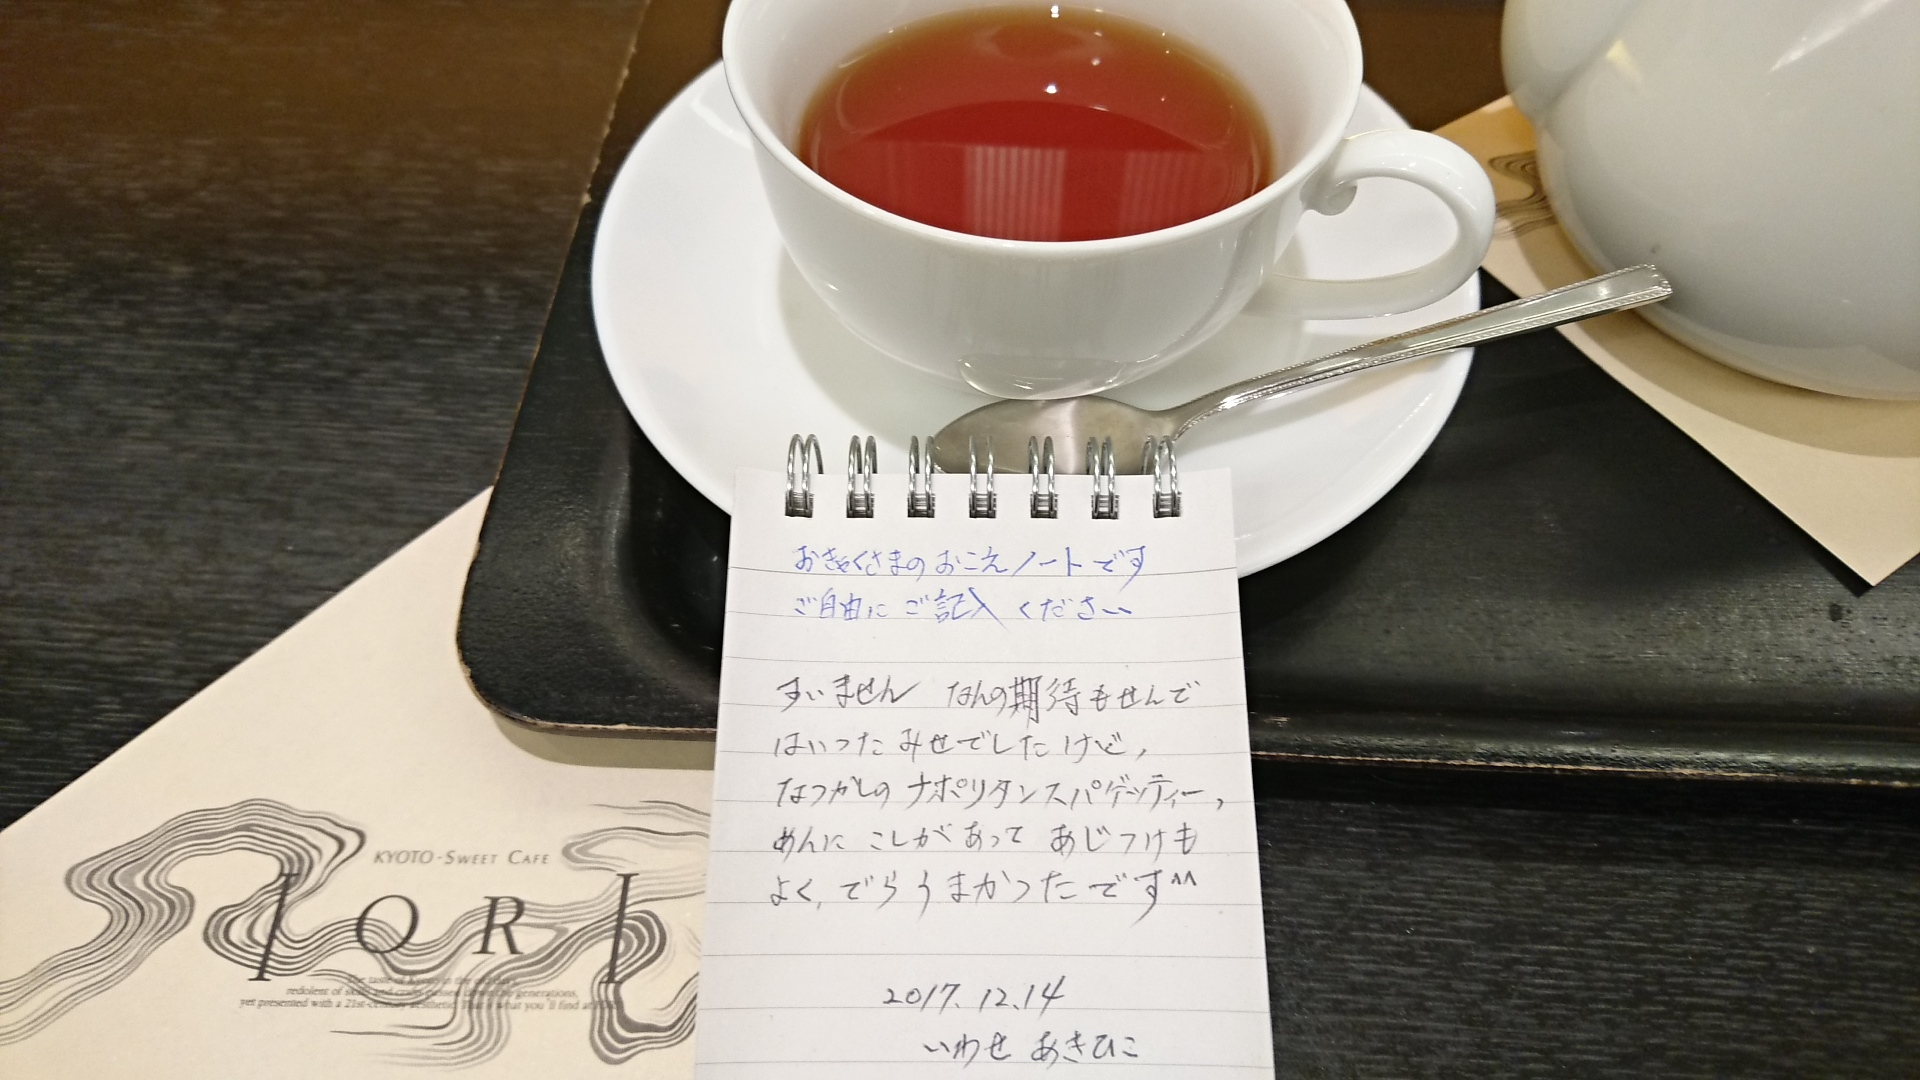 2017.12.14 名古屋 (18) 名古屋 - 京都イオリカフェ 1920-1080